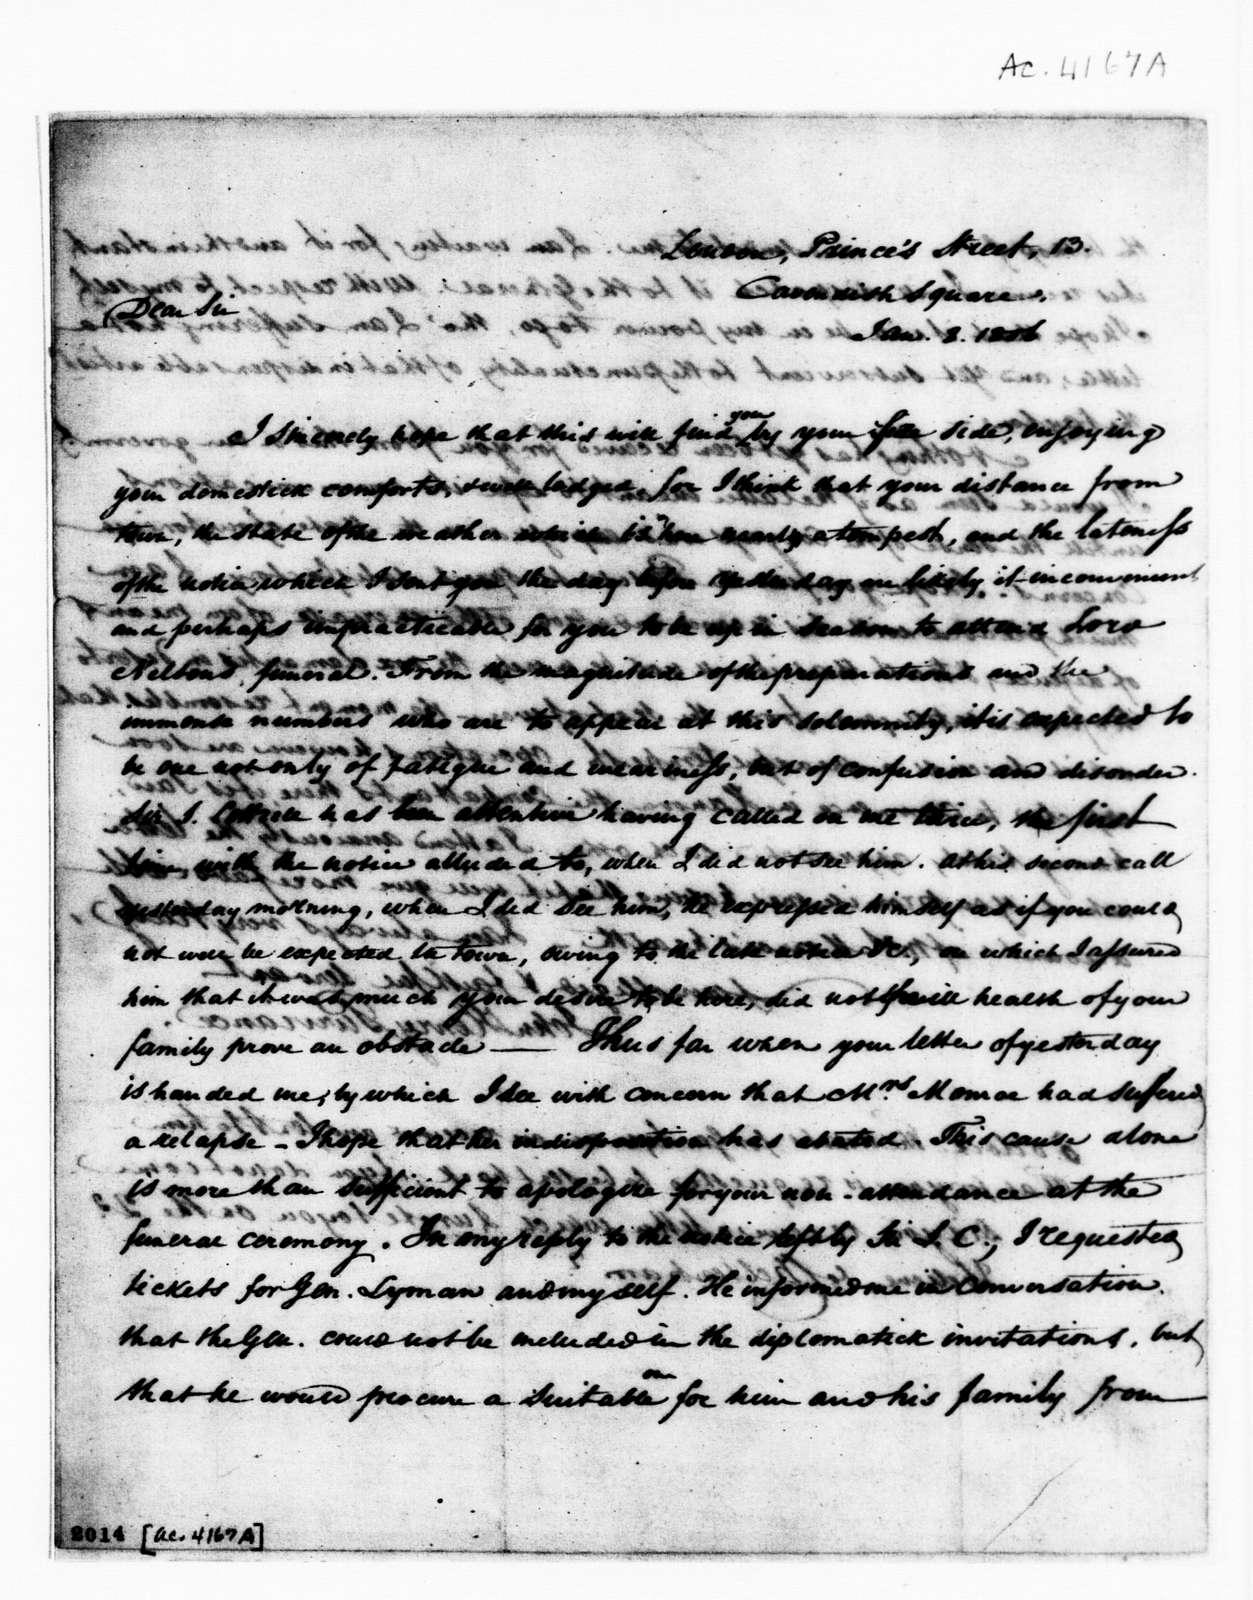 James Monroe Papers: Series 1, General Correspondence, 1758-1839; 1803 Oct. 9-1807 Jan. 16 (Reel 3)